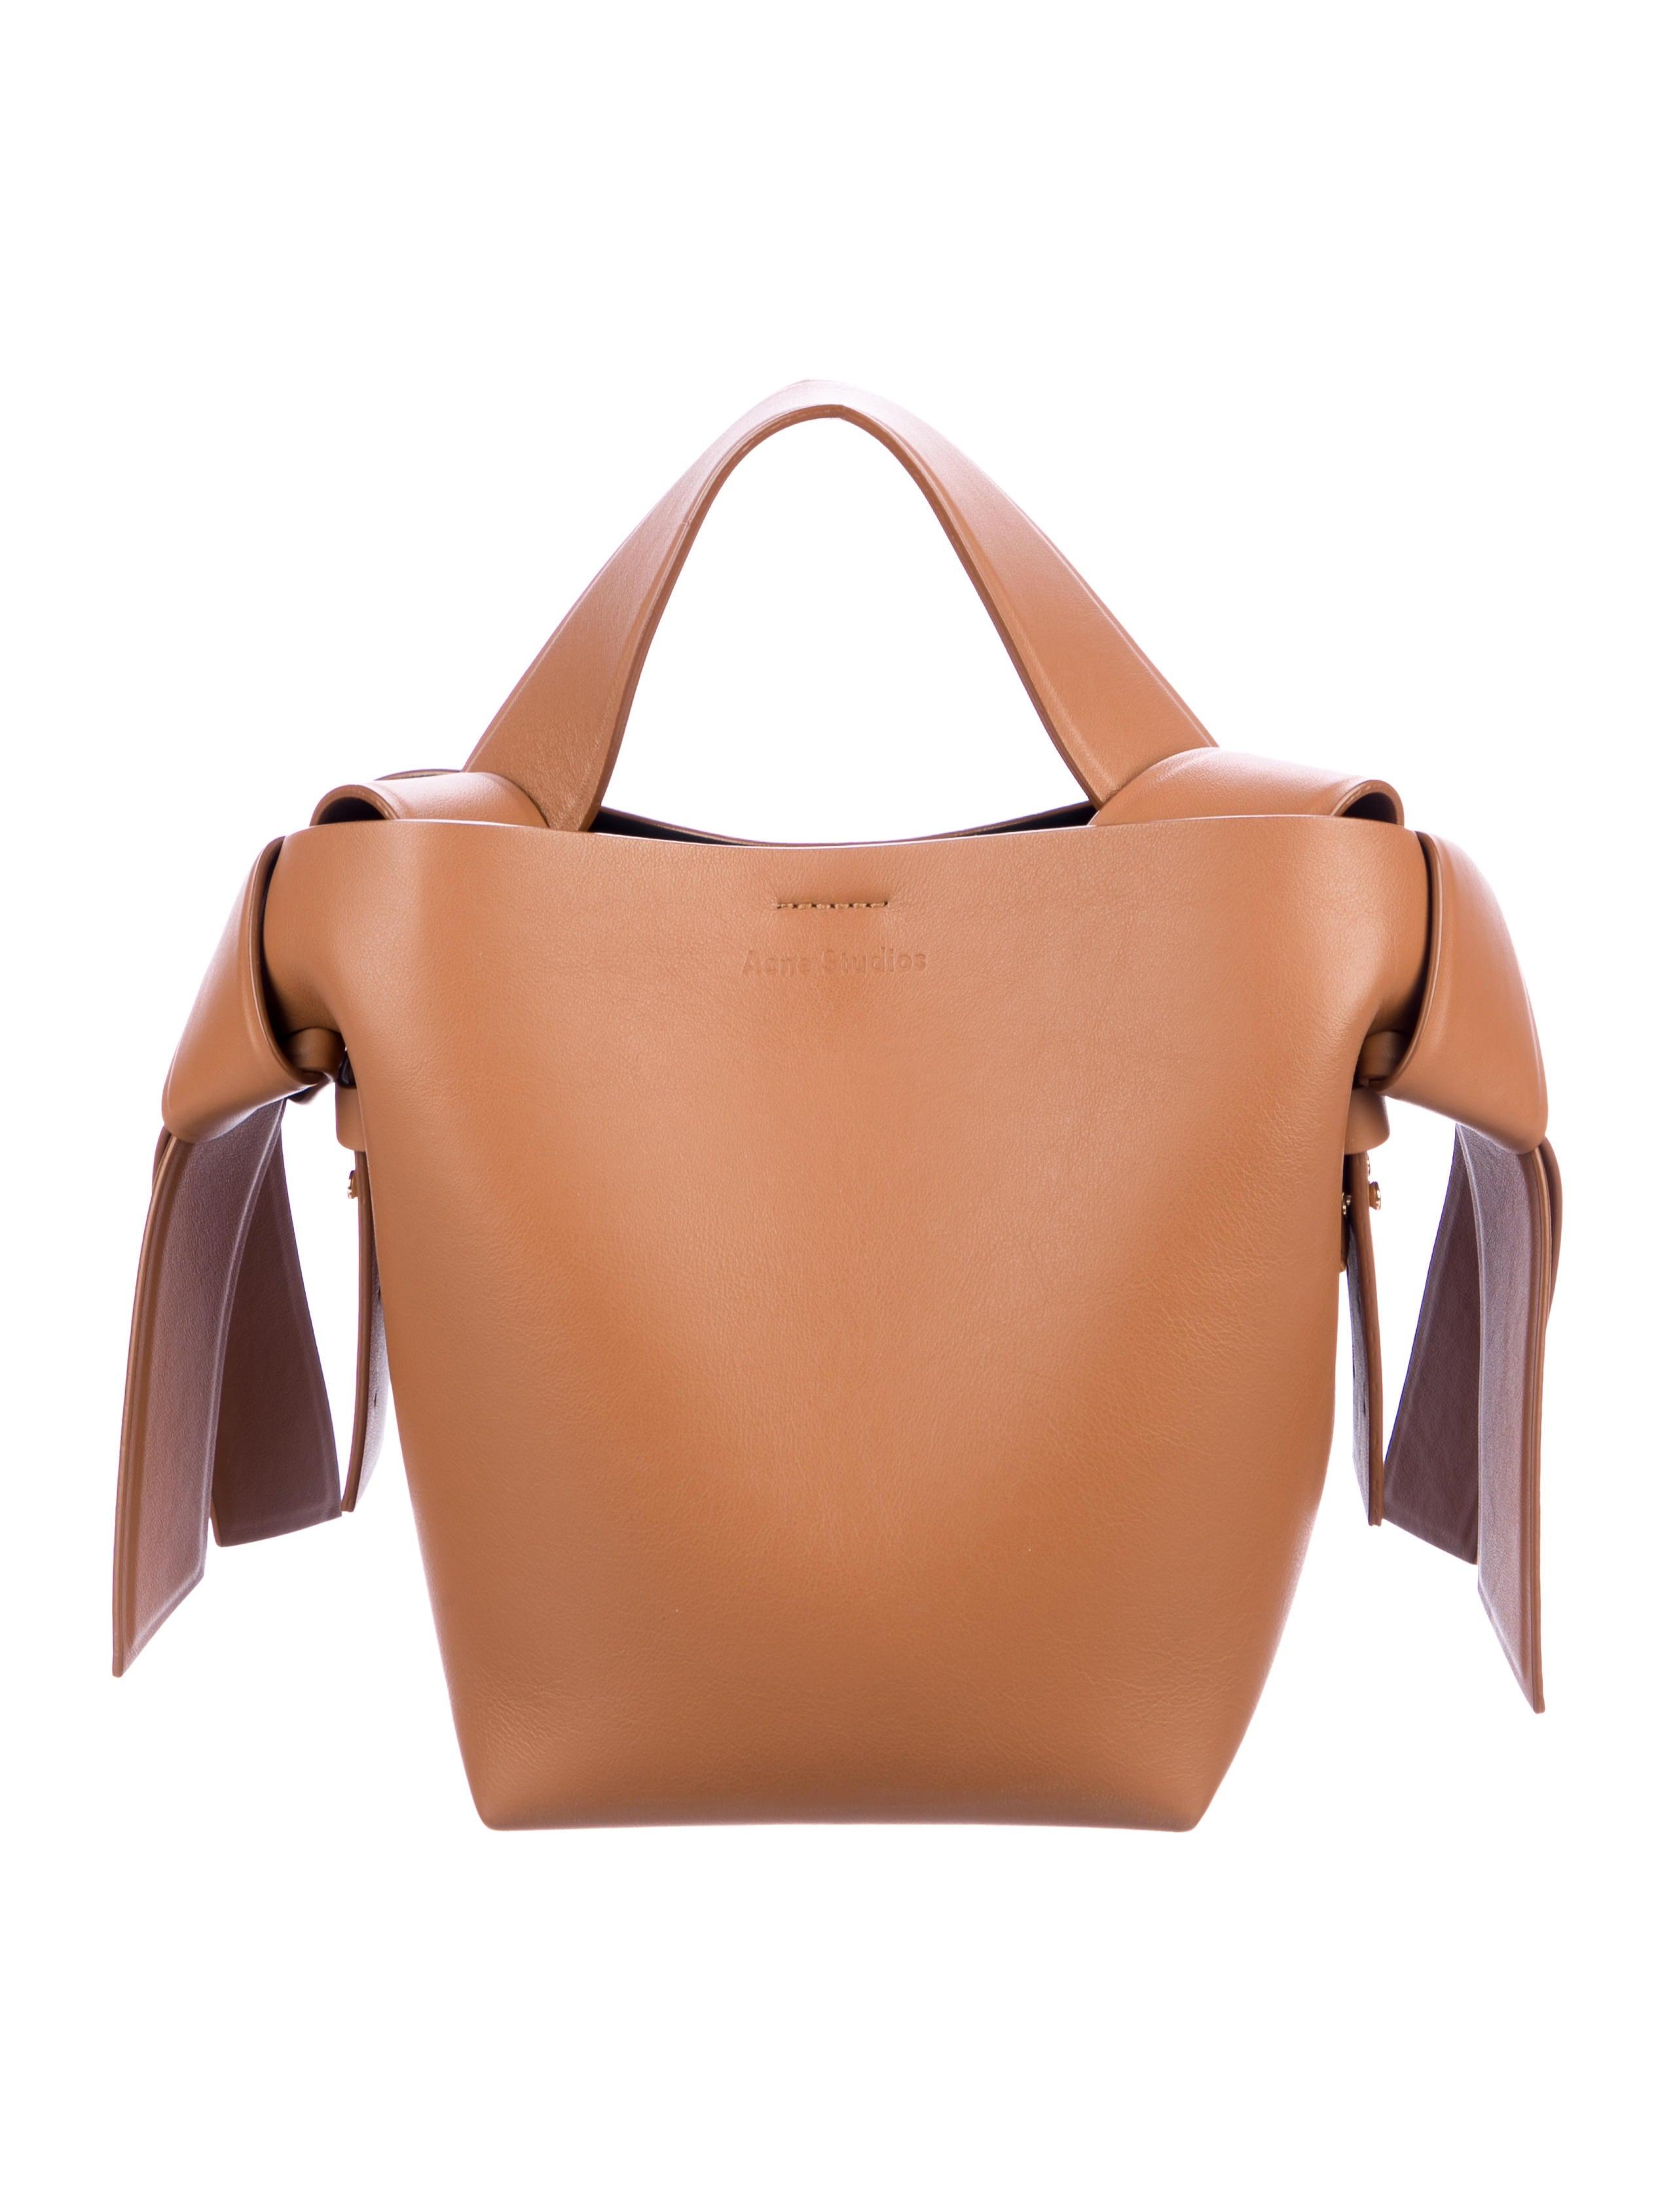 Musubi Mini Bag by Acne Studios